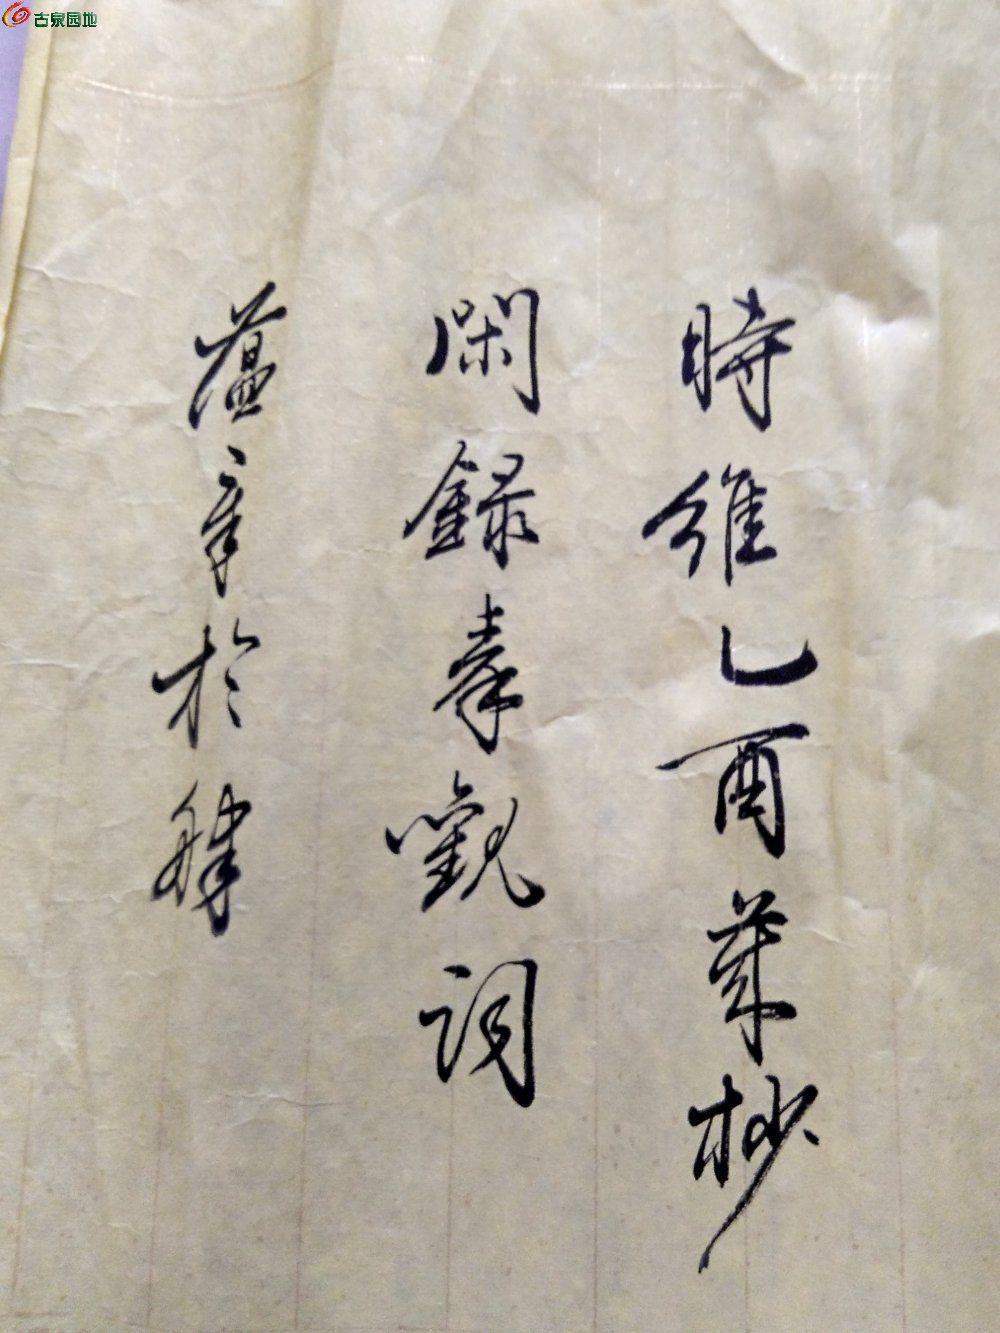 落款田蕴章书法图片